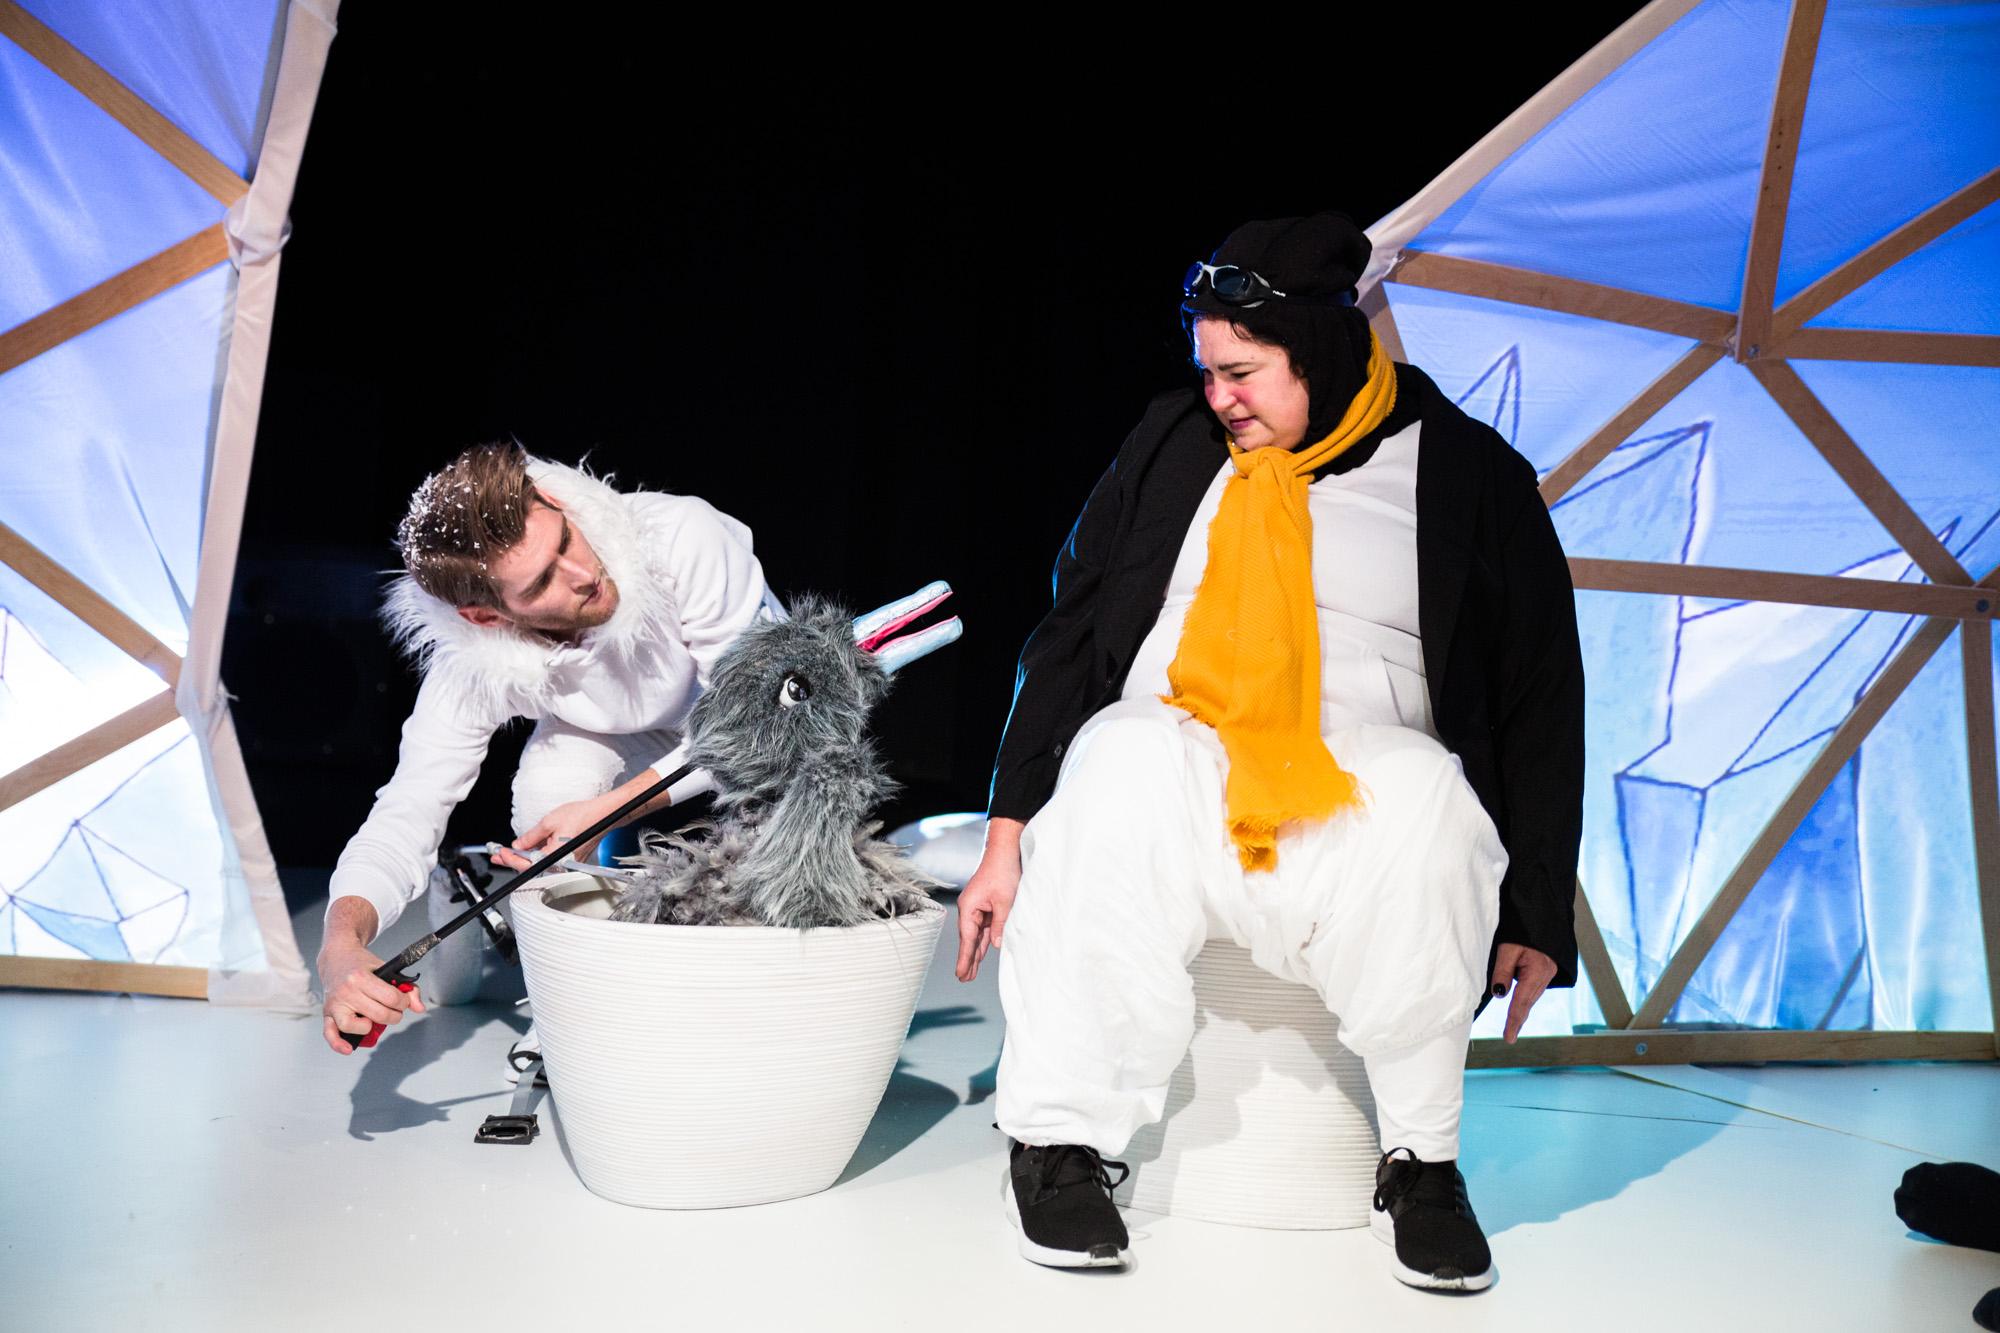 Zwei Personen auf einer Theaterbühne. Der Mann steuert eine Vogelpuppe. Sie zeigt in Richtung einer Frau, die ein Pinguinkostüm trägt.